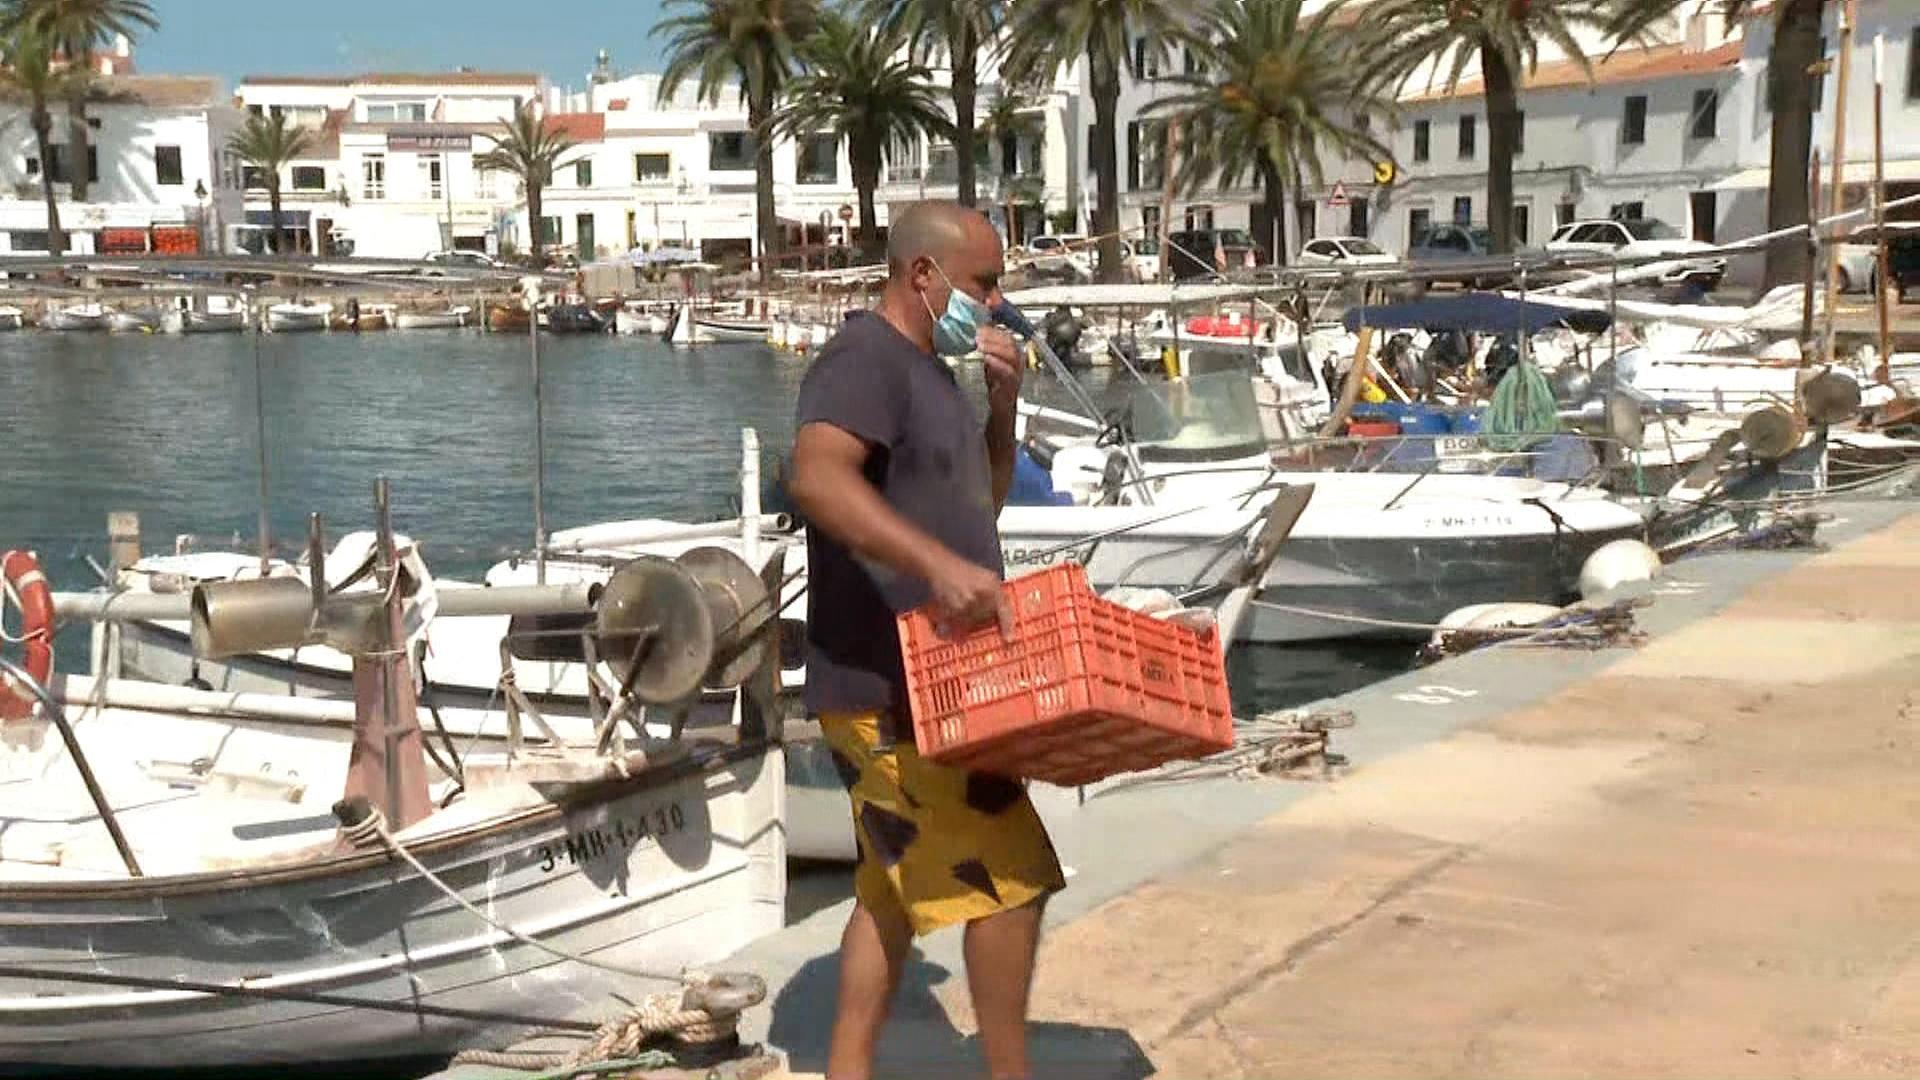 La+demanda+de+llagosta+es+dispara+a+Menorca+i+ja+supera+les+xifres+pr%C3%A8vies+a+la+pand%C3%A8mia